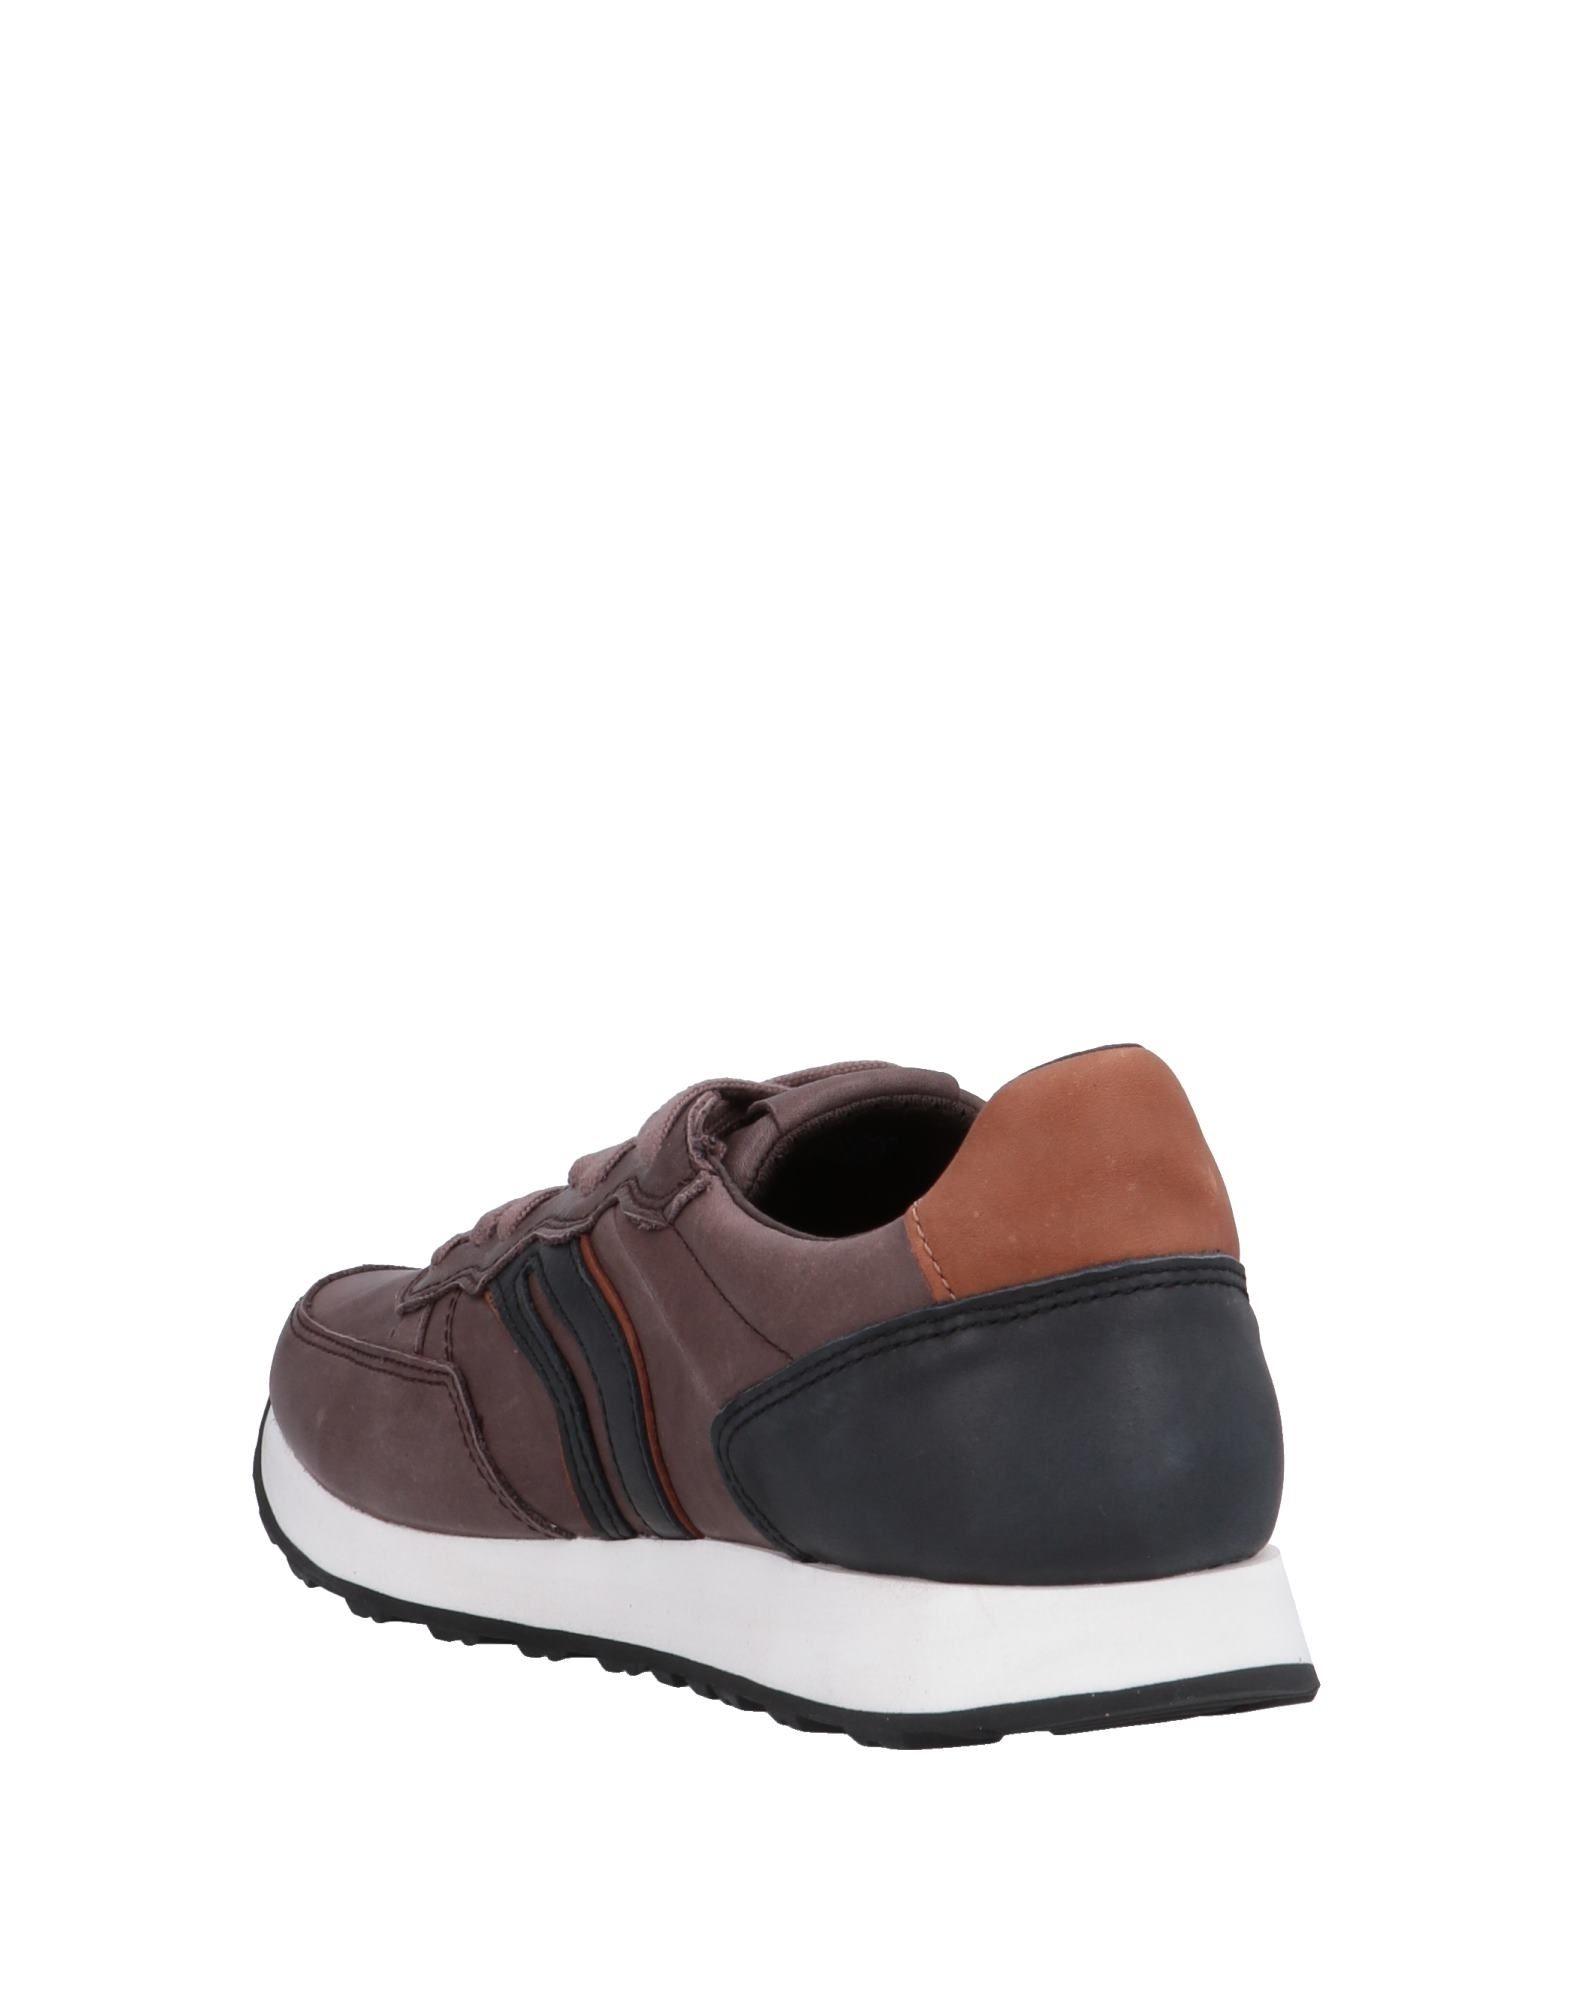 Geox Sneakers online - Men Geox Sneakers online Sneakers on  Australia - 11564710NK 112876